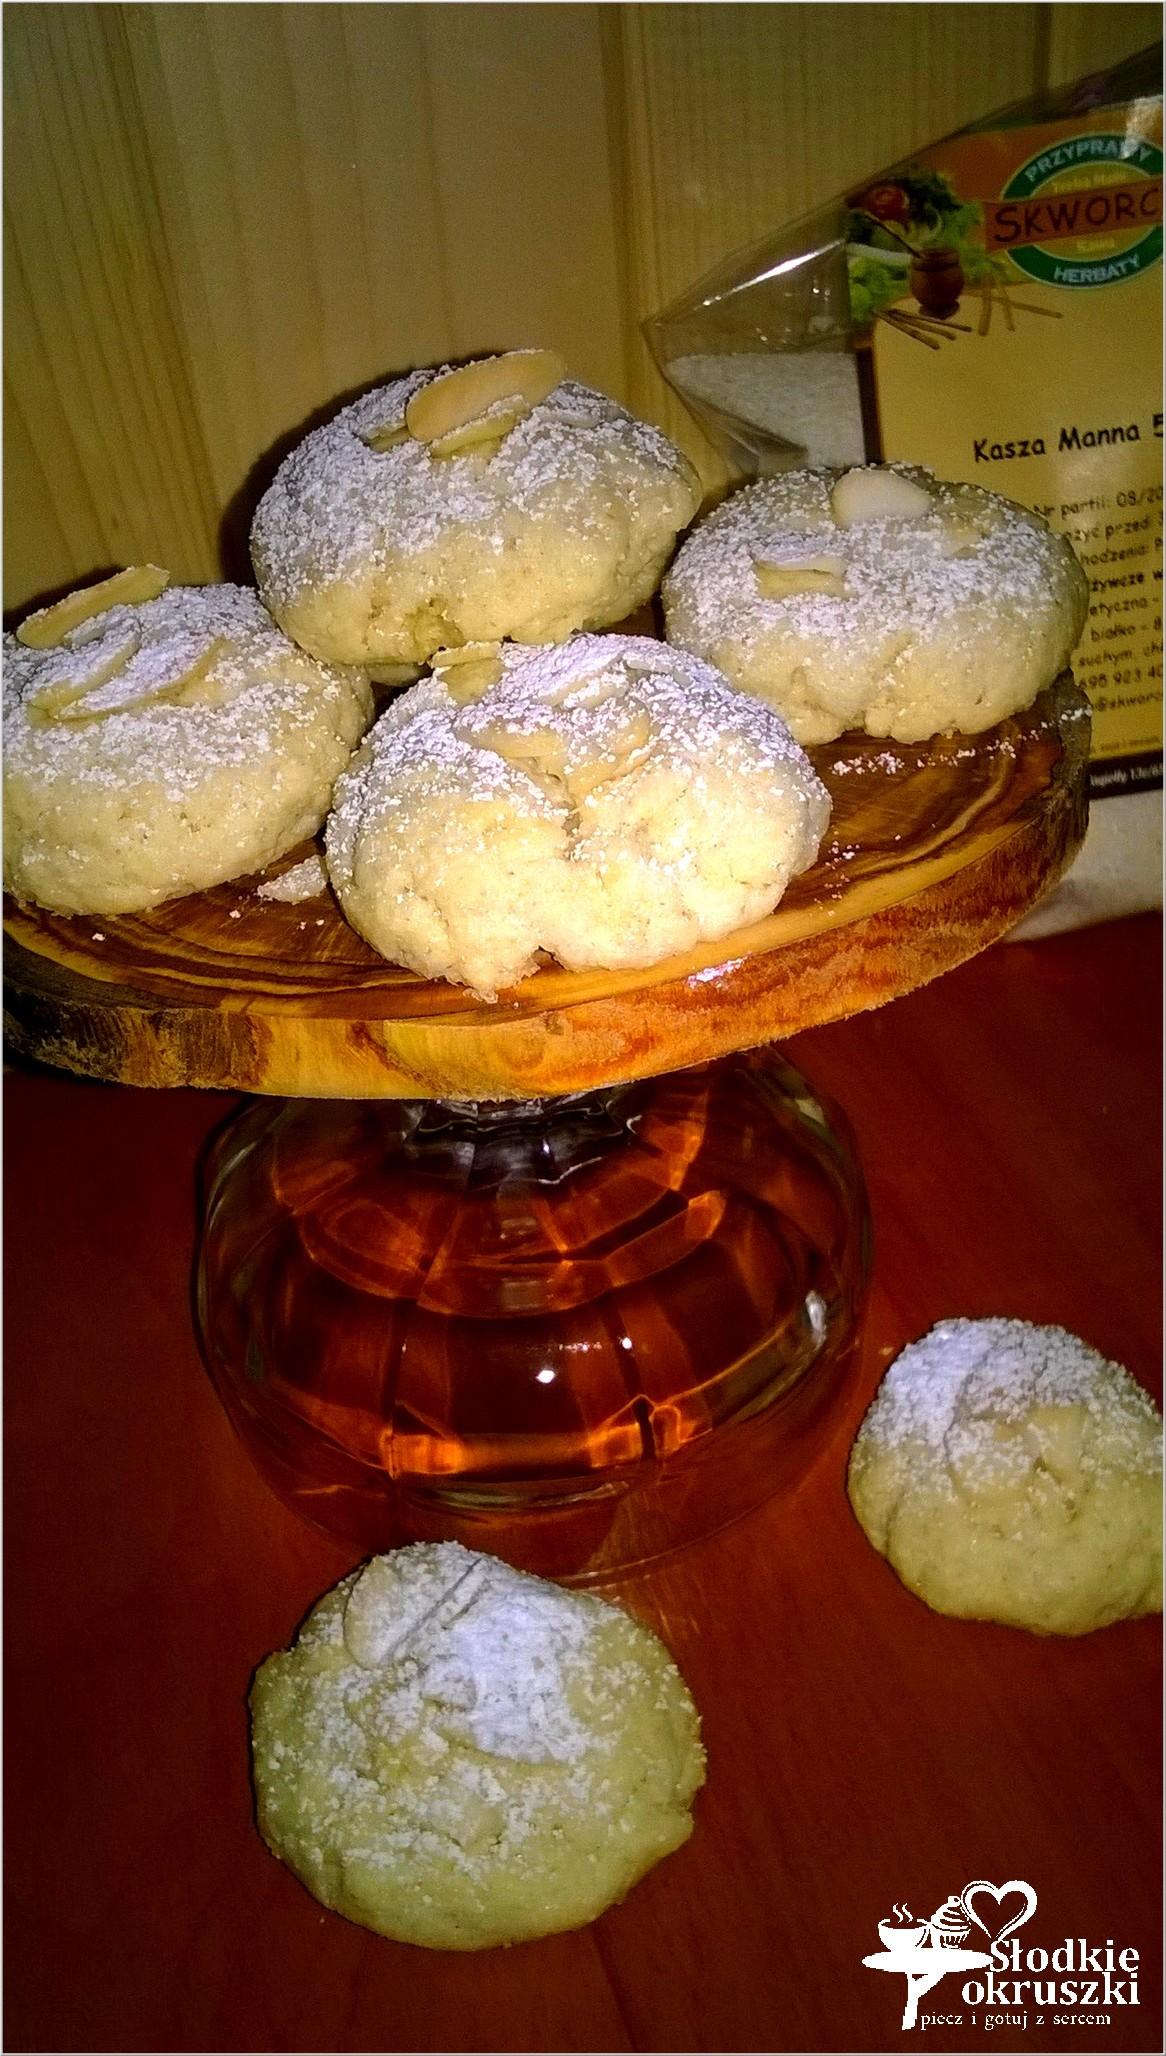 Delikatnie cynamonowe ciasteczka z kaszy manny z płatkami migdałowymi 2